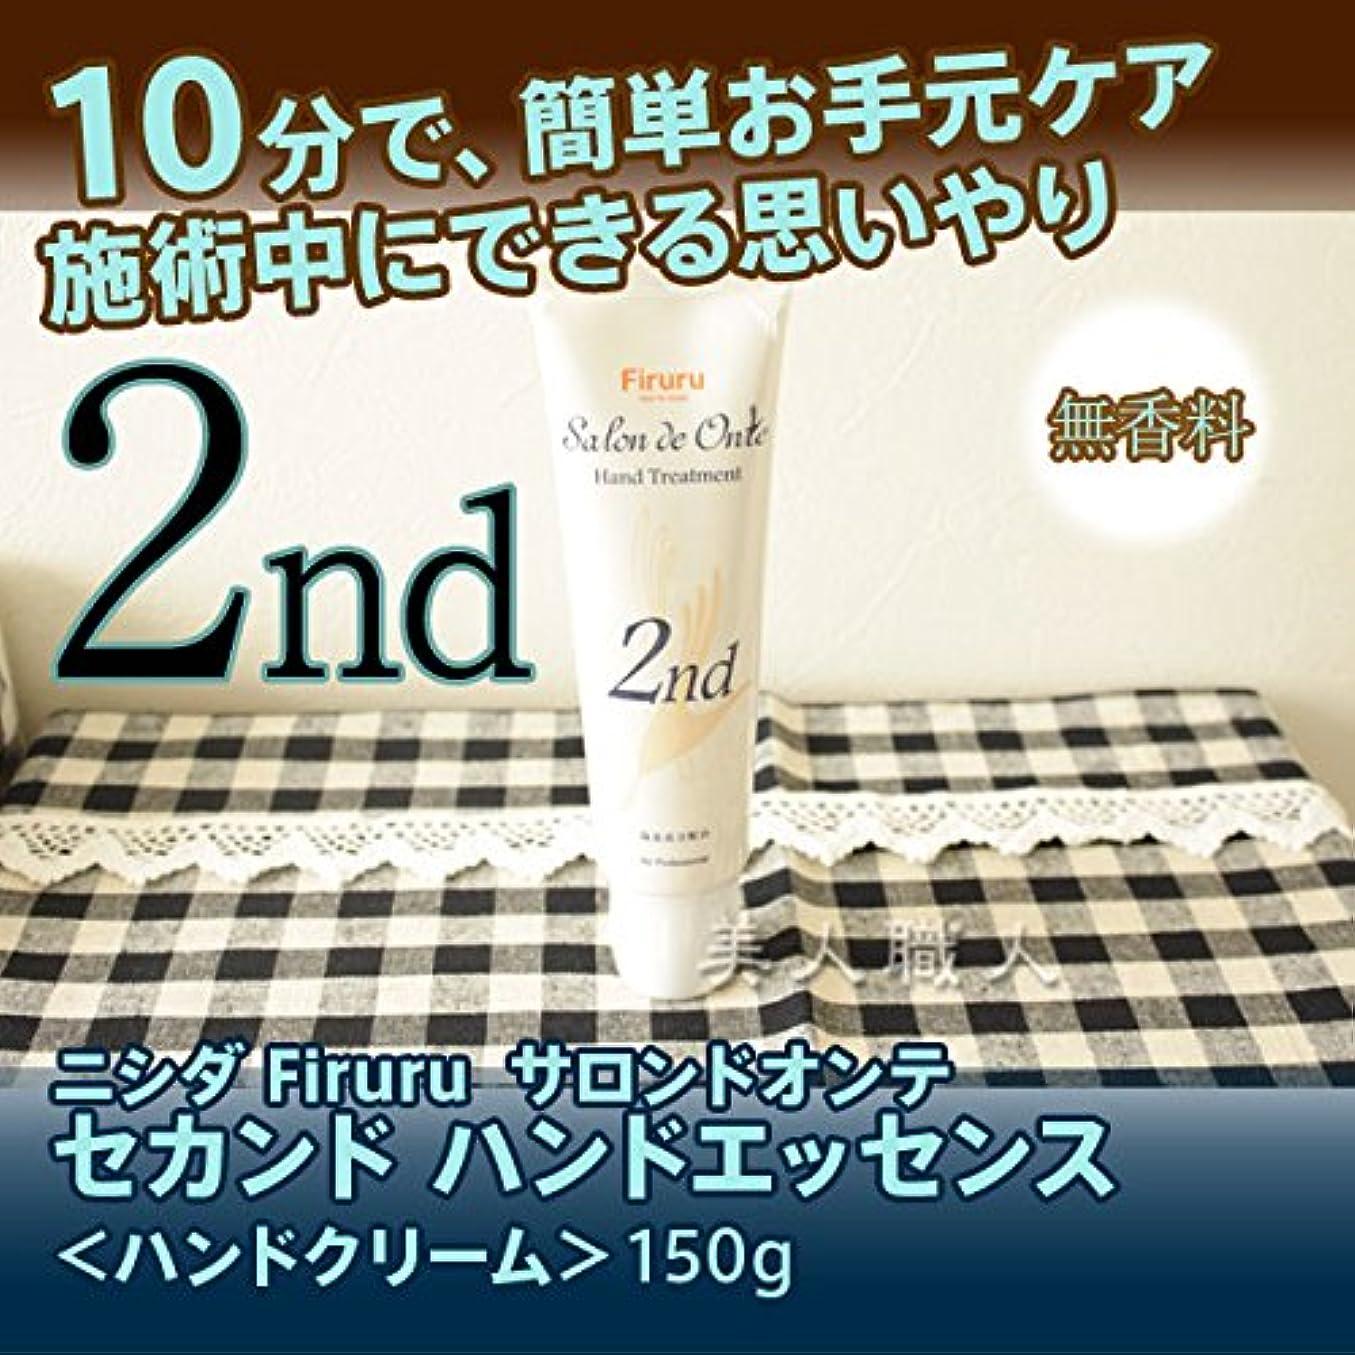 吸収するメルボルン乳製品Firuru サロンドオンテ セカンド 2nd ハンドトリートメント 150g<ハンドクリーム>お客様をハンドケアの温泉気分でおもてなし。施術時間を有効活用。 【ニシダ】